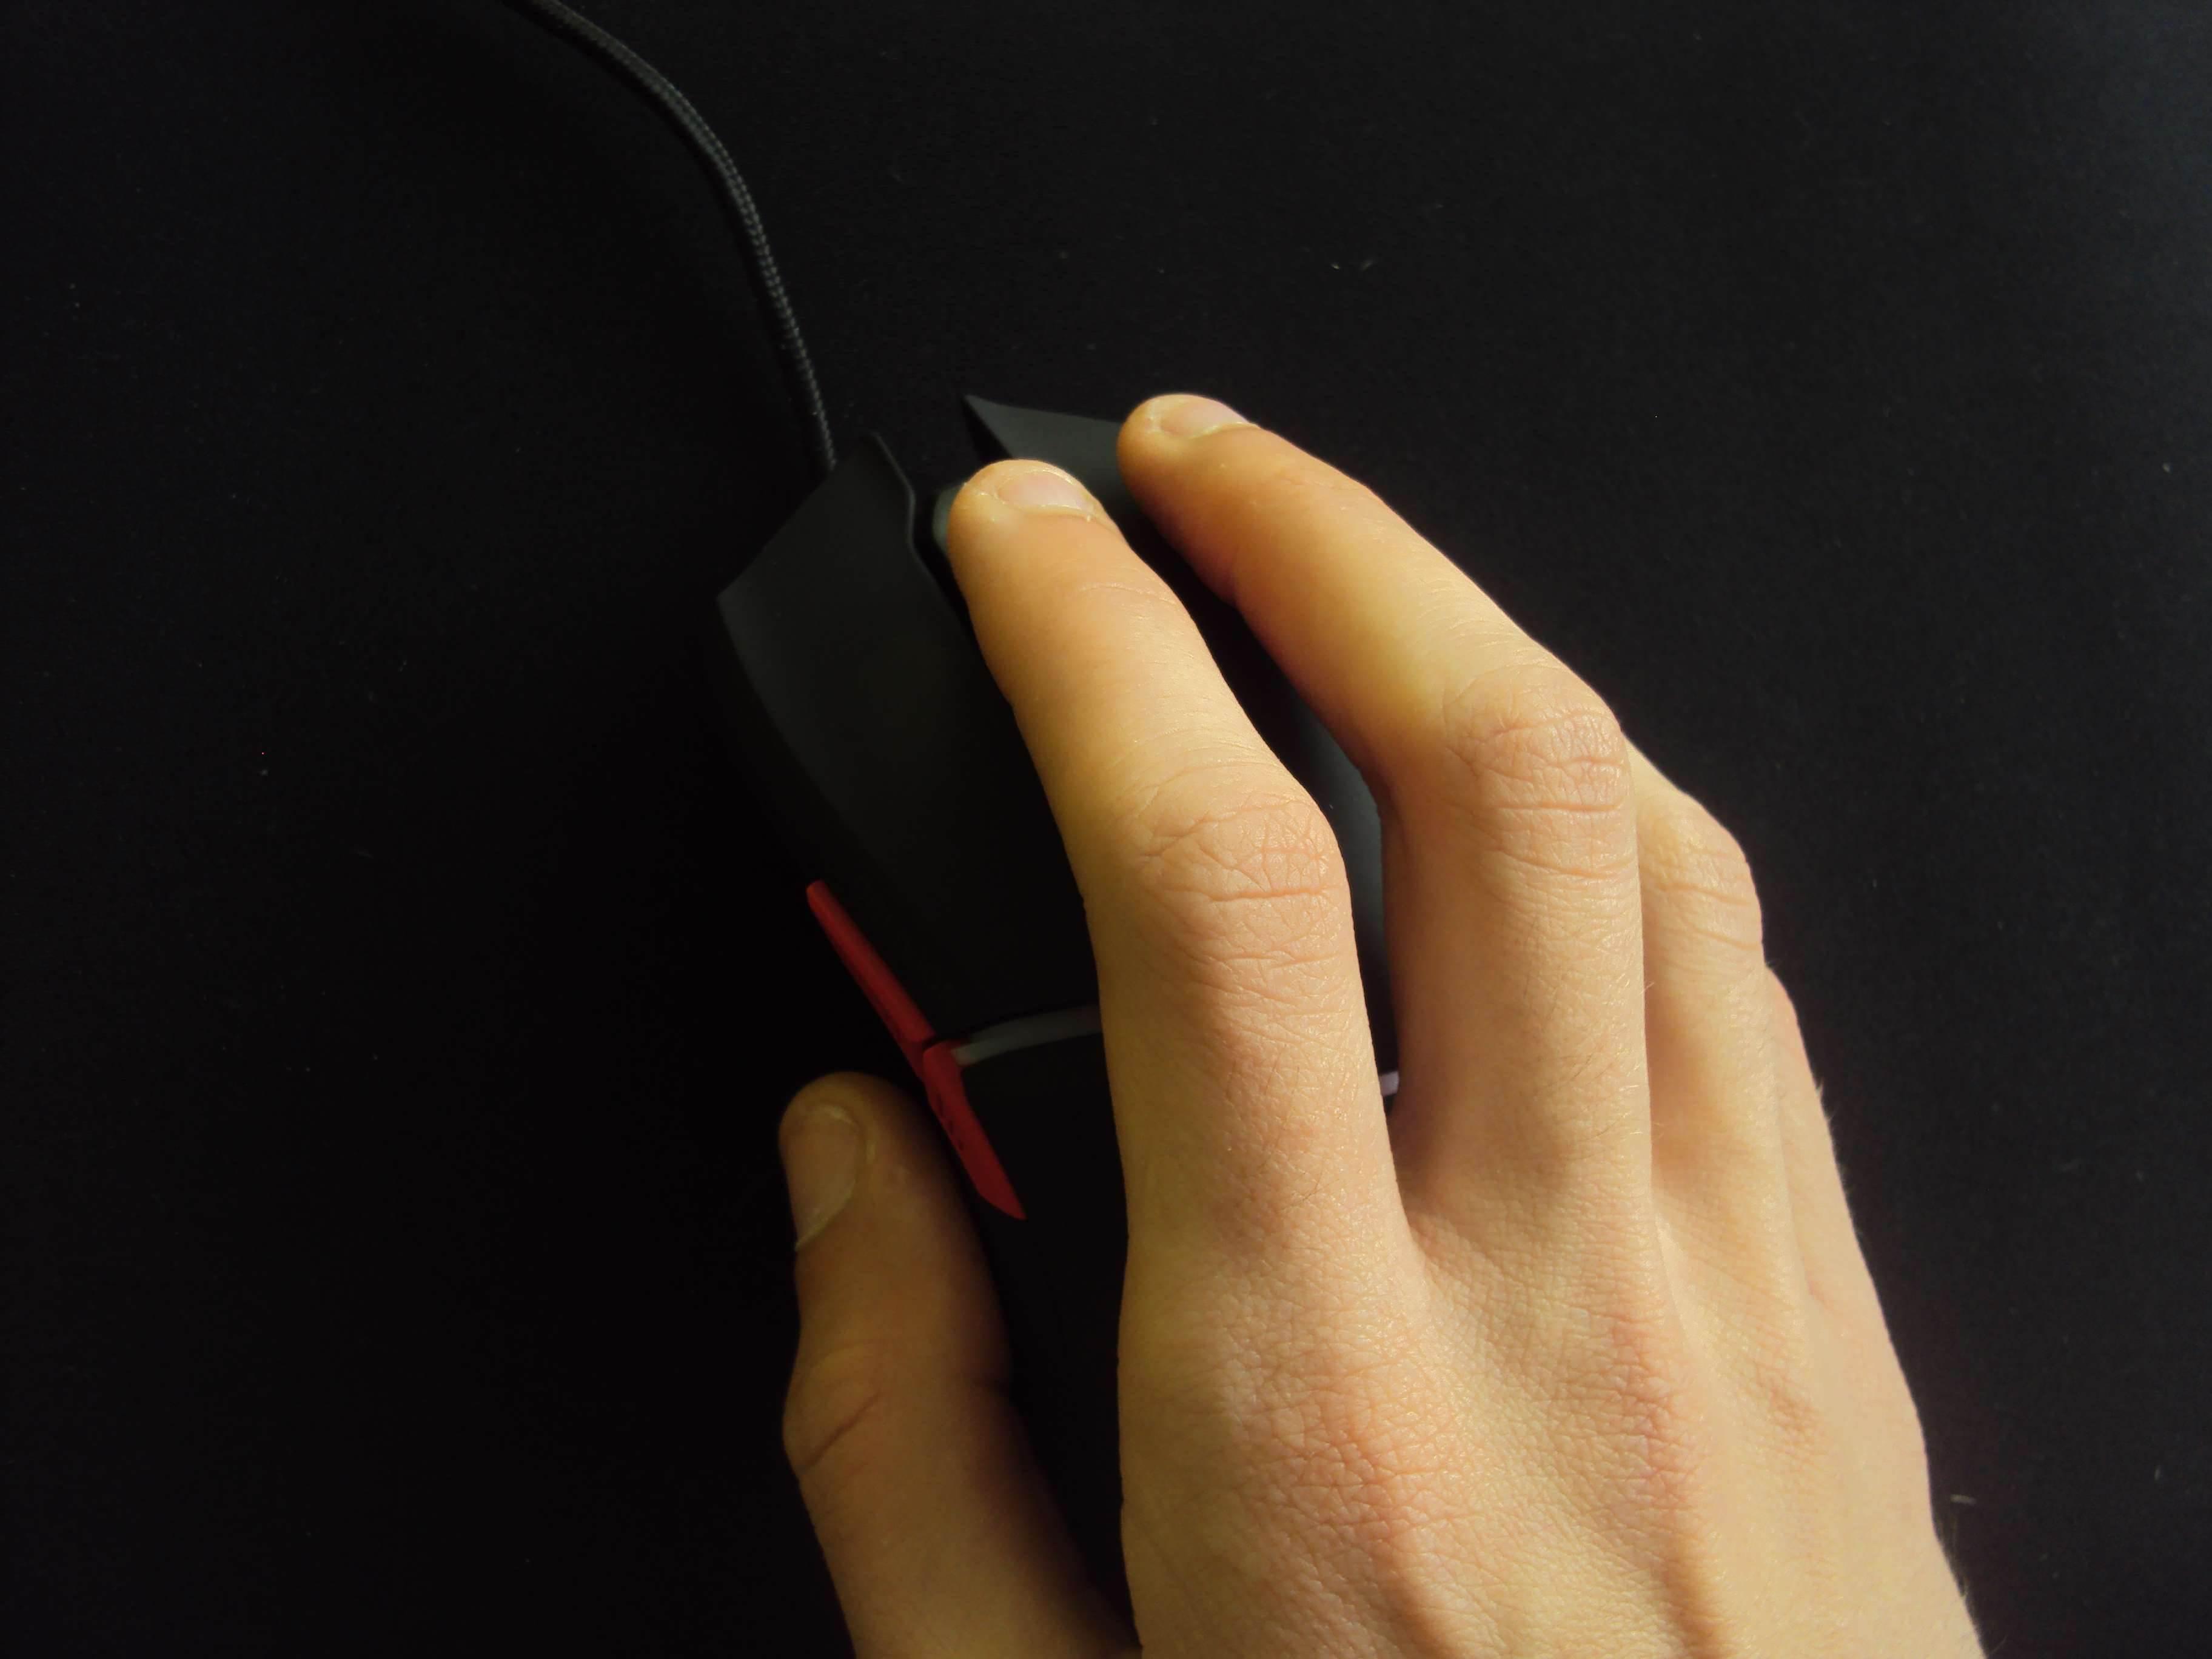 Tracer Game Zone Oblivion - test i recenzja recenzje, akcesoria zalety, wady, Tracer Game Zone Oblivion, Recenzja, myszka  Osobiście nie interesuje się myszkami dla graczy i do niedawna korzystałem wyłącznie z bezprzewodowej myszki Microsoftu, ale przed świętami postanowiłem sprawdzić, jak działa myszka dla graczy, dzięki czemu dotarł do mnie produkt firmy Tracer ? Game Zone Oblivion. DSC02646